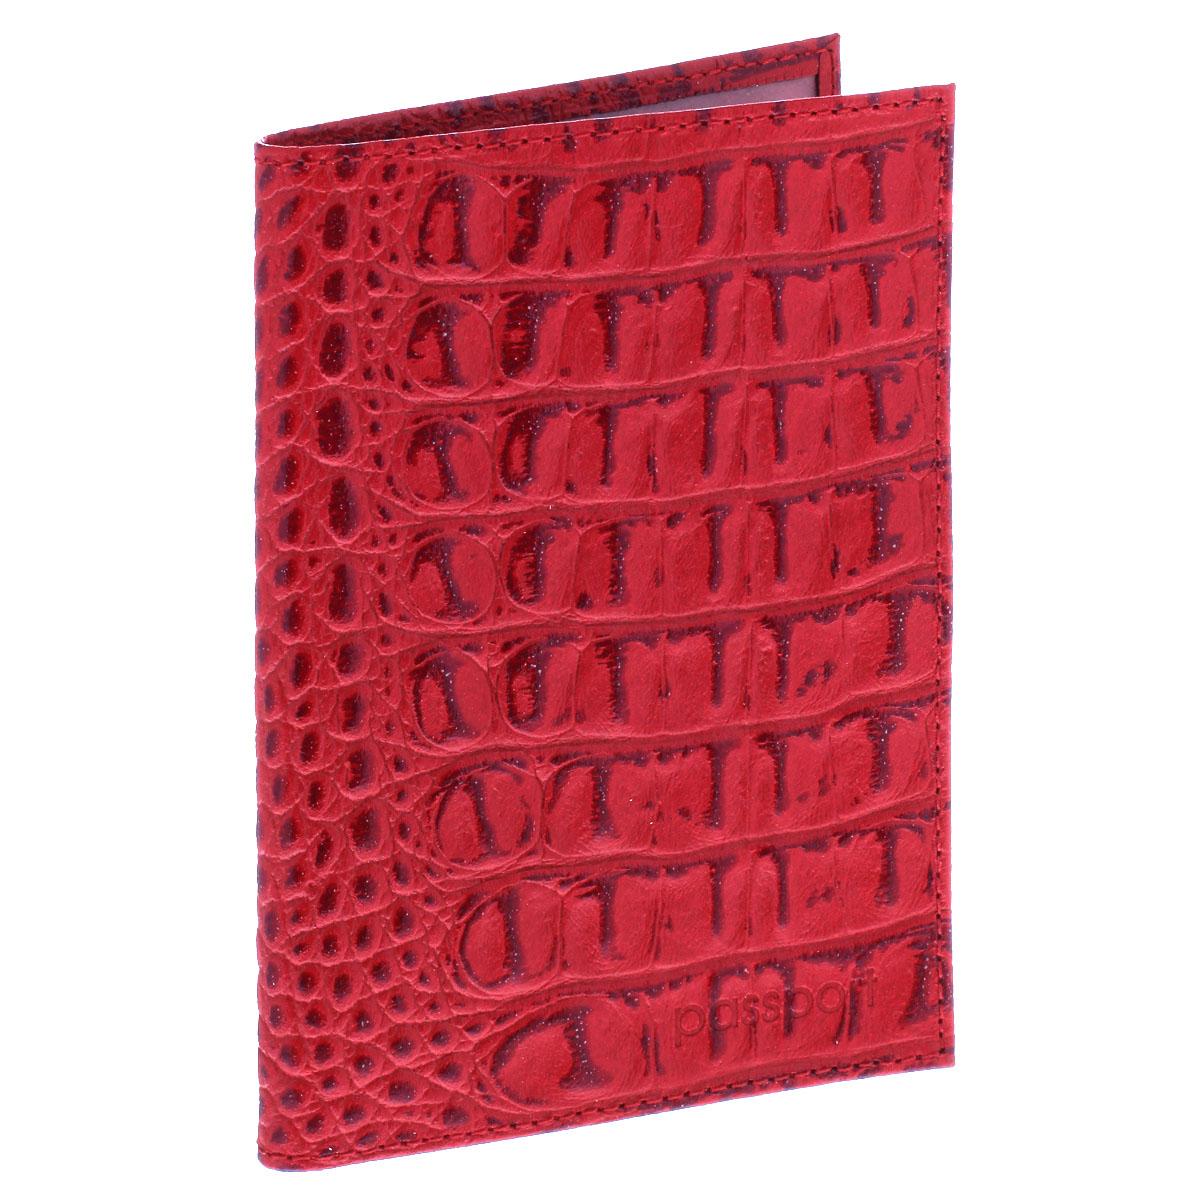 Обложка для паспорта Befler, цвет: красный. O.1.-13Натуральная кожаУльтрамодная обложка для паспорта Befler изготовлена из натуральной кожи и оформлена тиснением под рептилию. Изделие с обеих сторон дополнено тиснеными надписями. Внутри - два прозрачных боковых кармана из мягкого пластика, которые обеспечат надежную фиксацию вашего документа. Изделие упаковано в фирменную коробку.Модная обложка для паспорта не только поможет сохранить внешний вид вашего документа и защитить его от повреждений, но и станет стильным аксессуаром, который эффектно дополнит ваш образ.